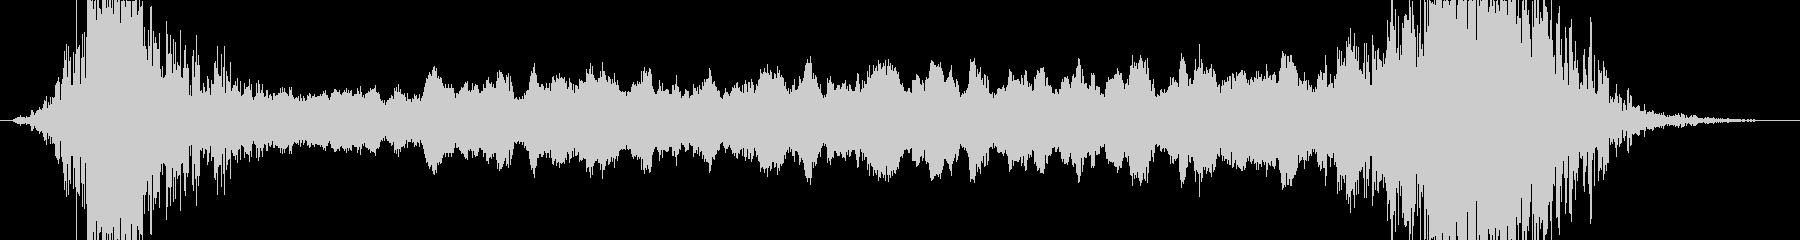 トランジション プロモーションパッド41の未再生の波形